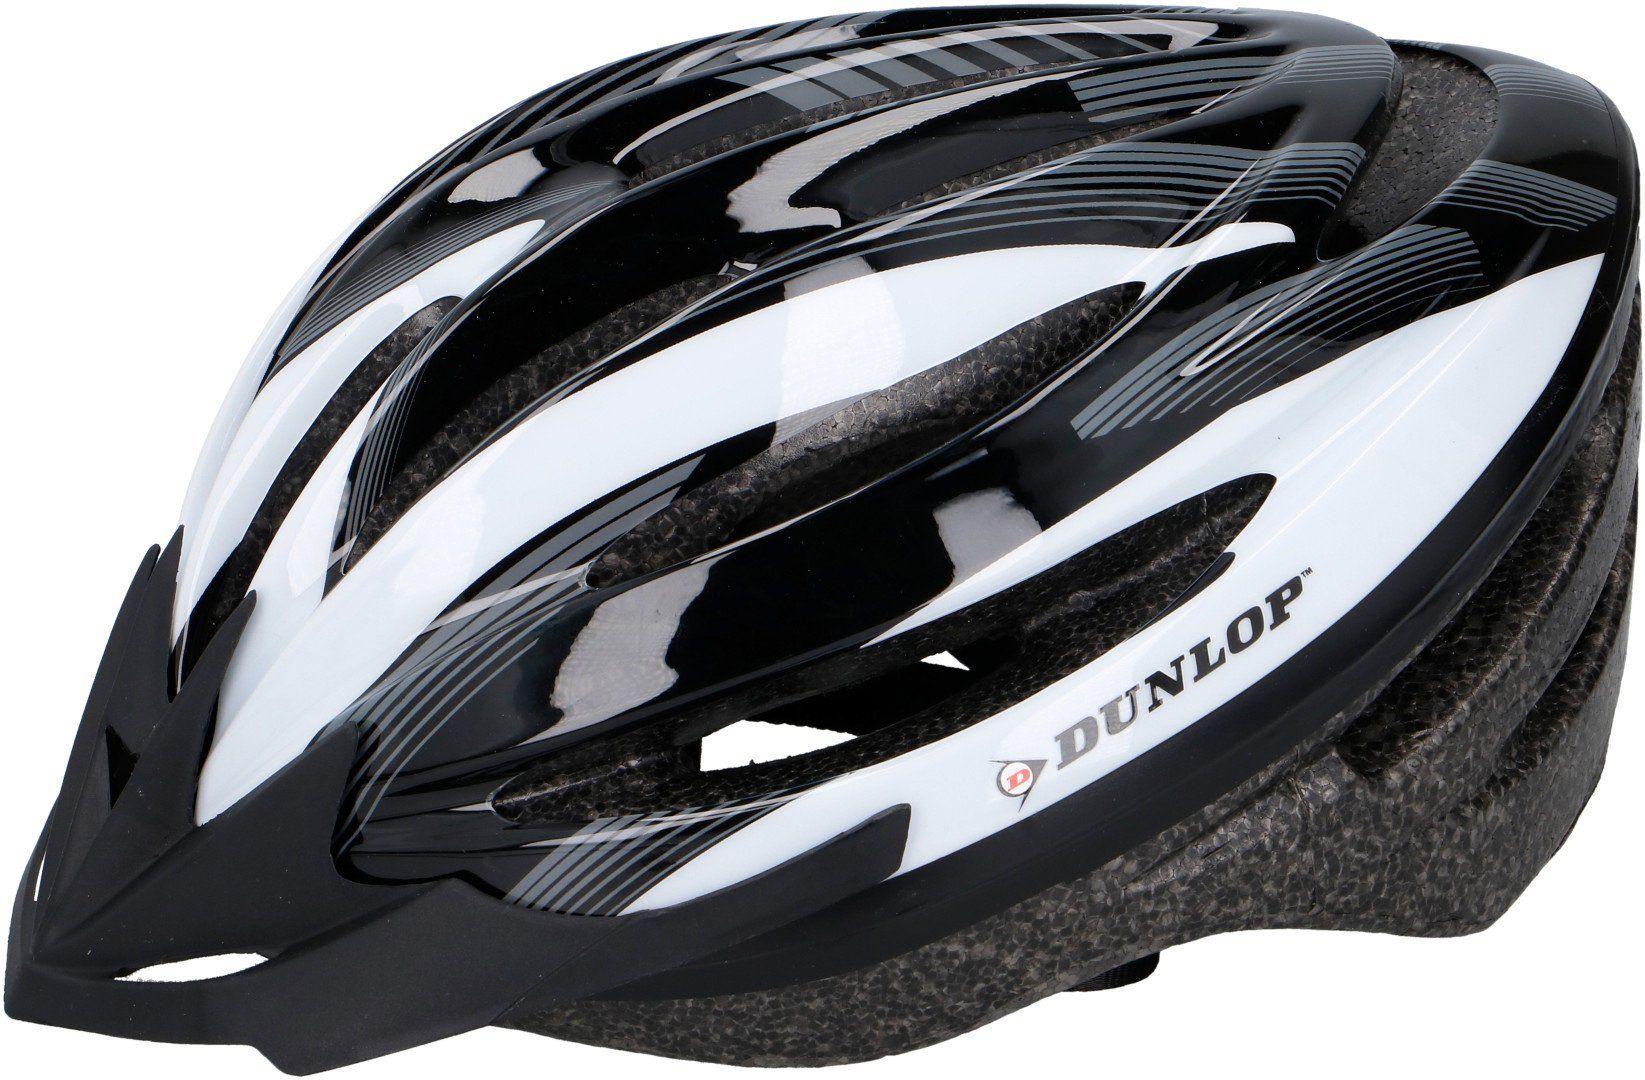 Kask rowerowy damski męski Dunlop